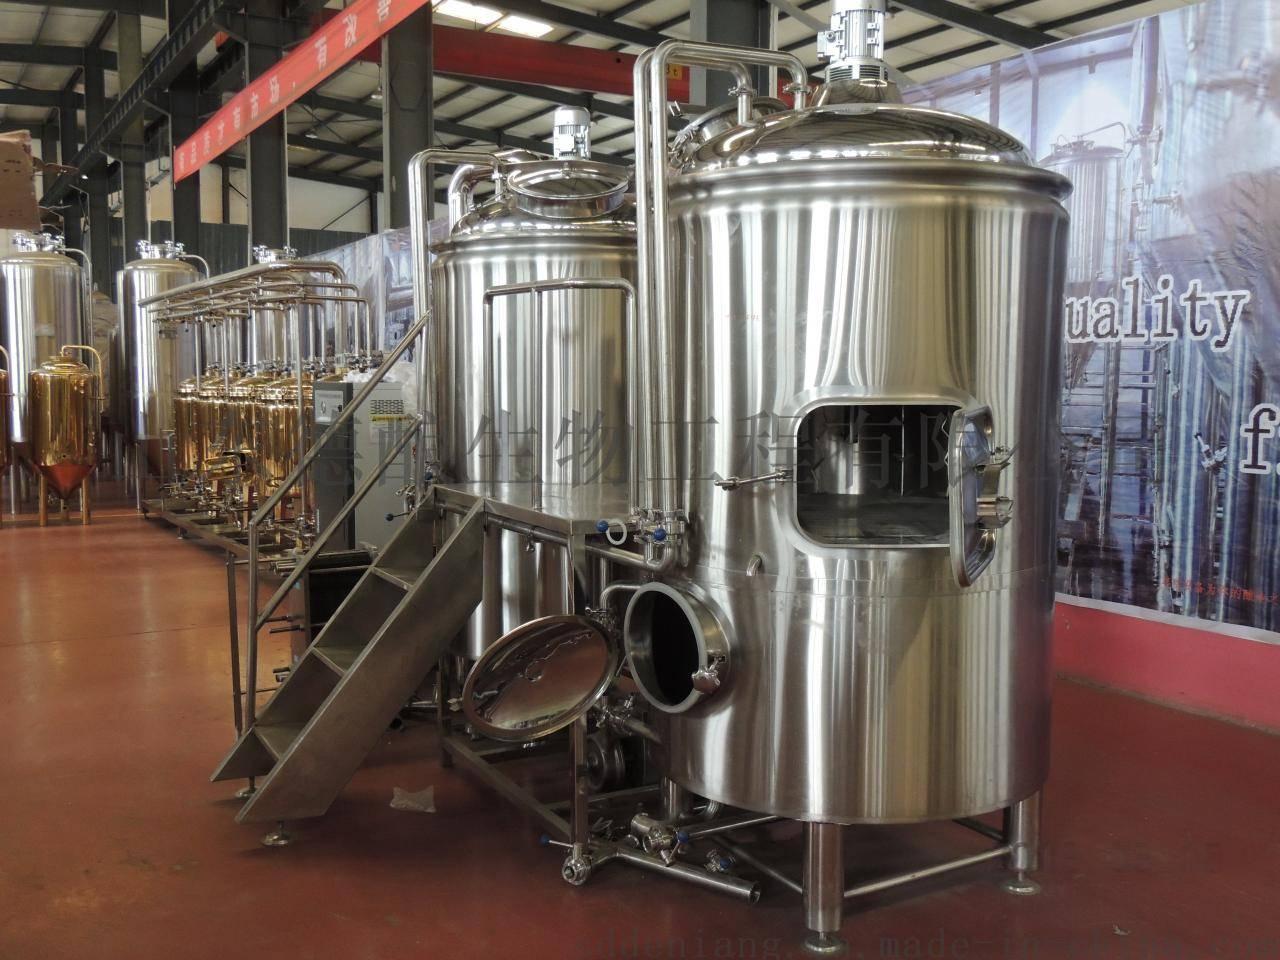 精酿啤酒生产成本-有计划开设一家小型啤酒厂。它要多少钱?-大麦丫-精酿啤酒连锁超市,工厂店平价酒吧免费加盟